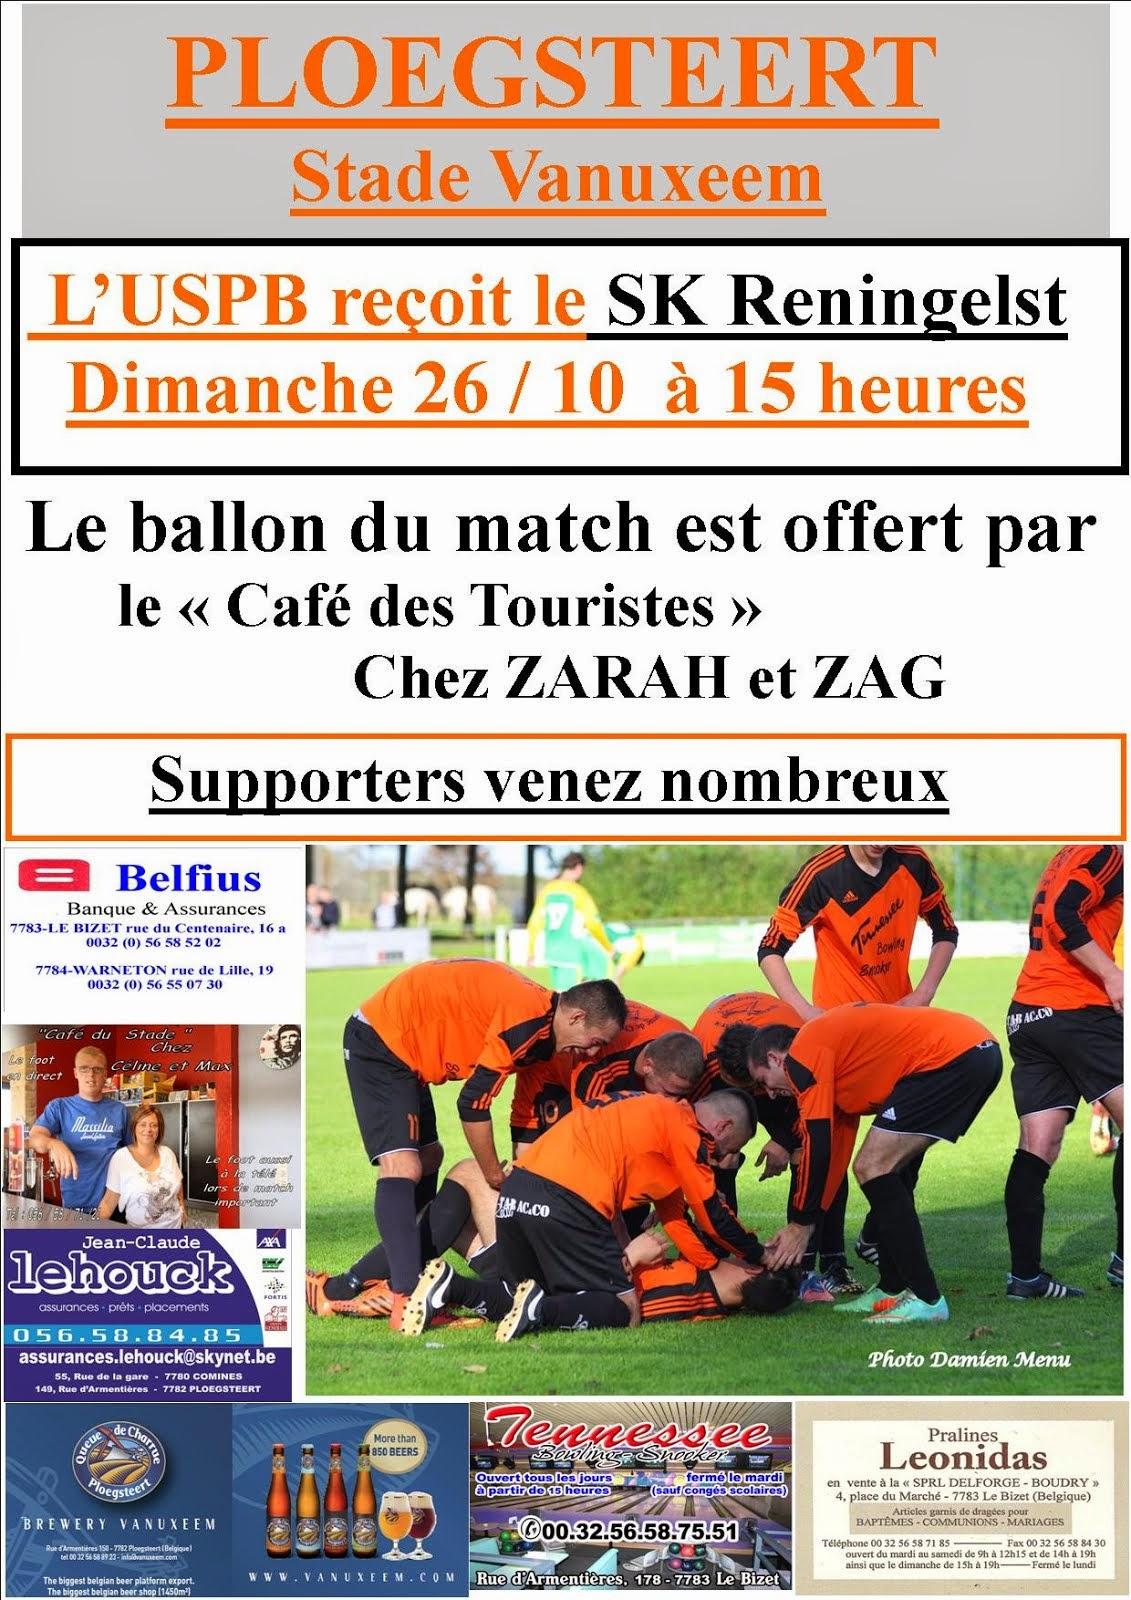 26 octobre 15 heures USPB - SK Reningelst